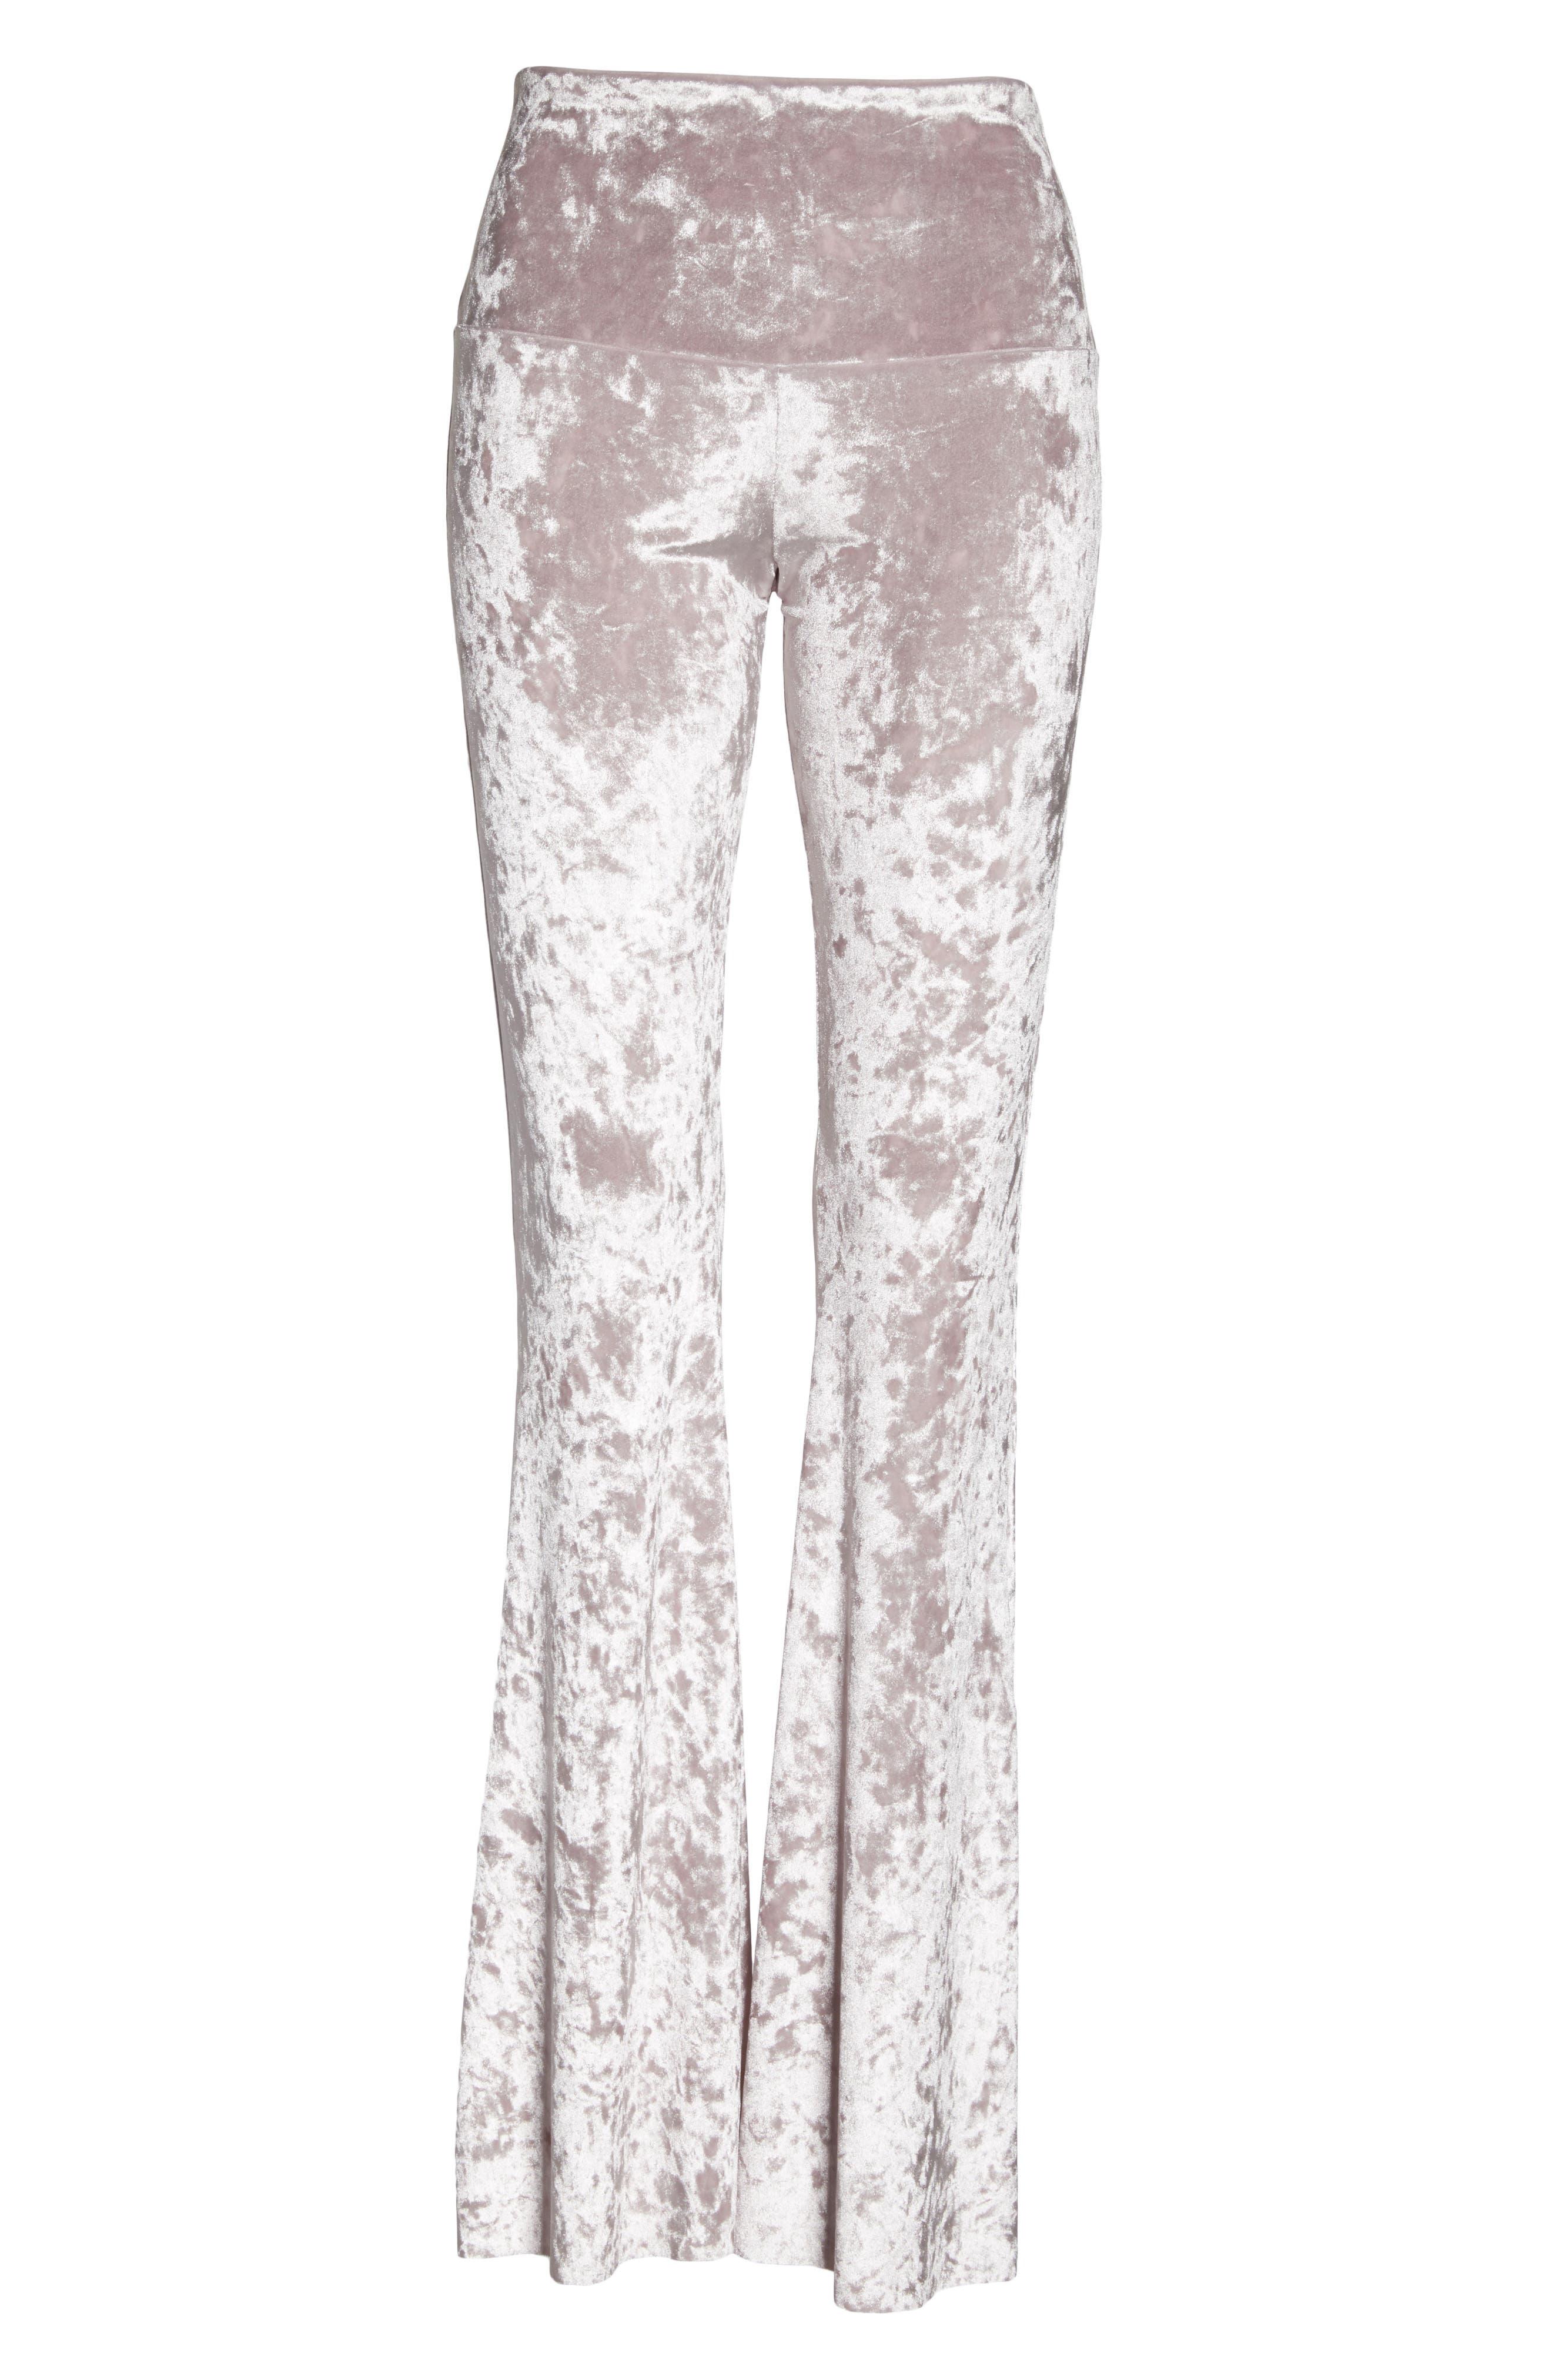 Flare Leg Yoga Pants,                             Alternate thumbnail 7, color,                             Mist Crushed Velvet